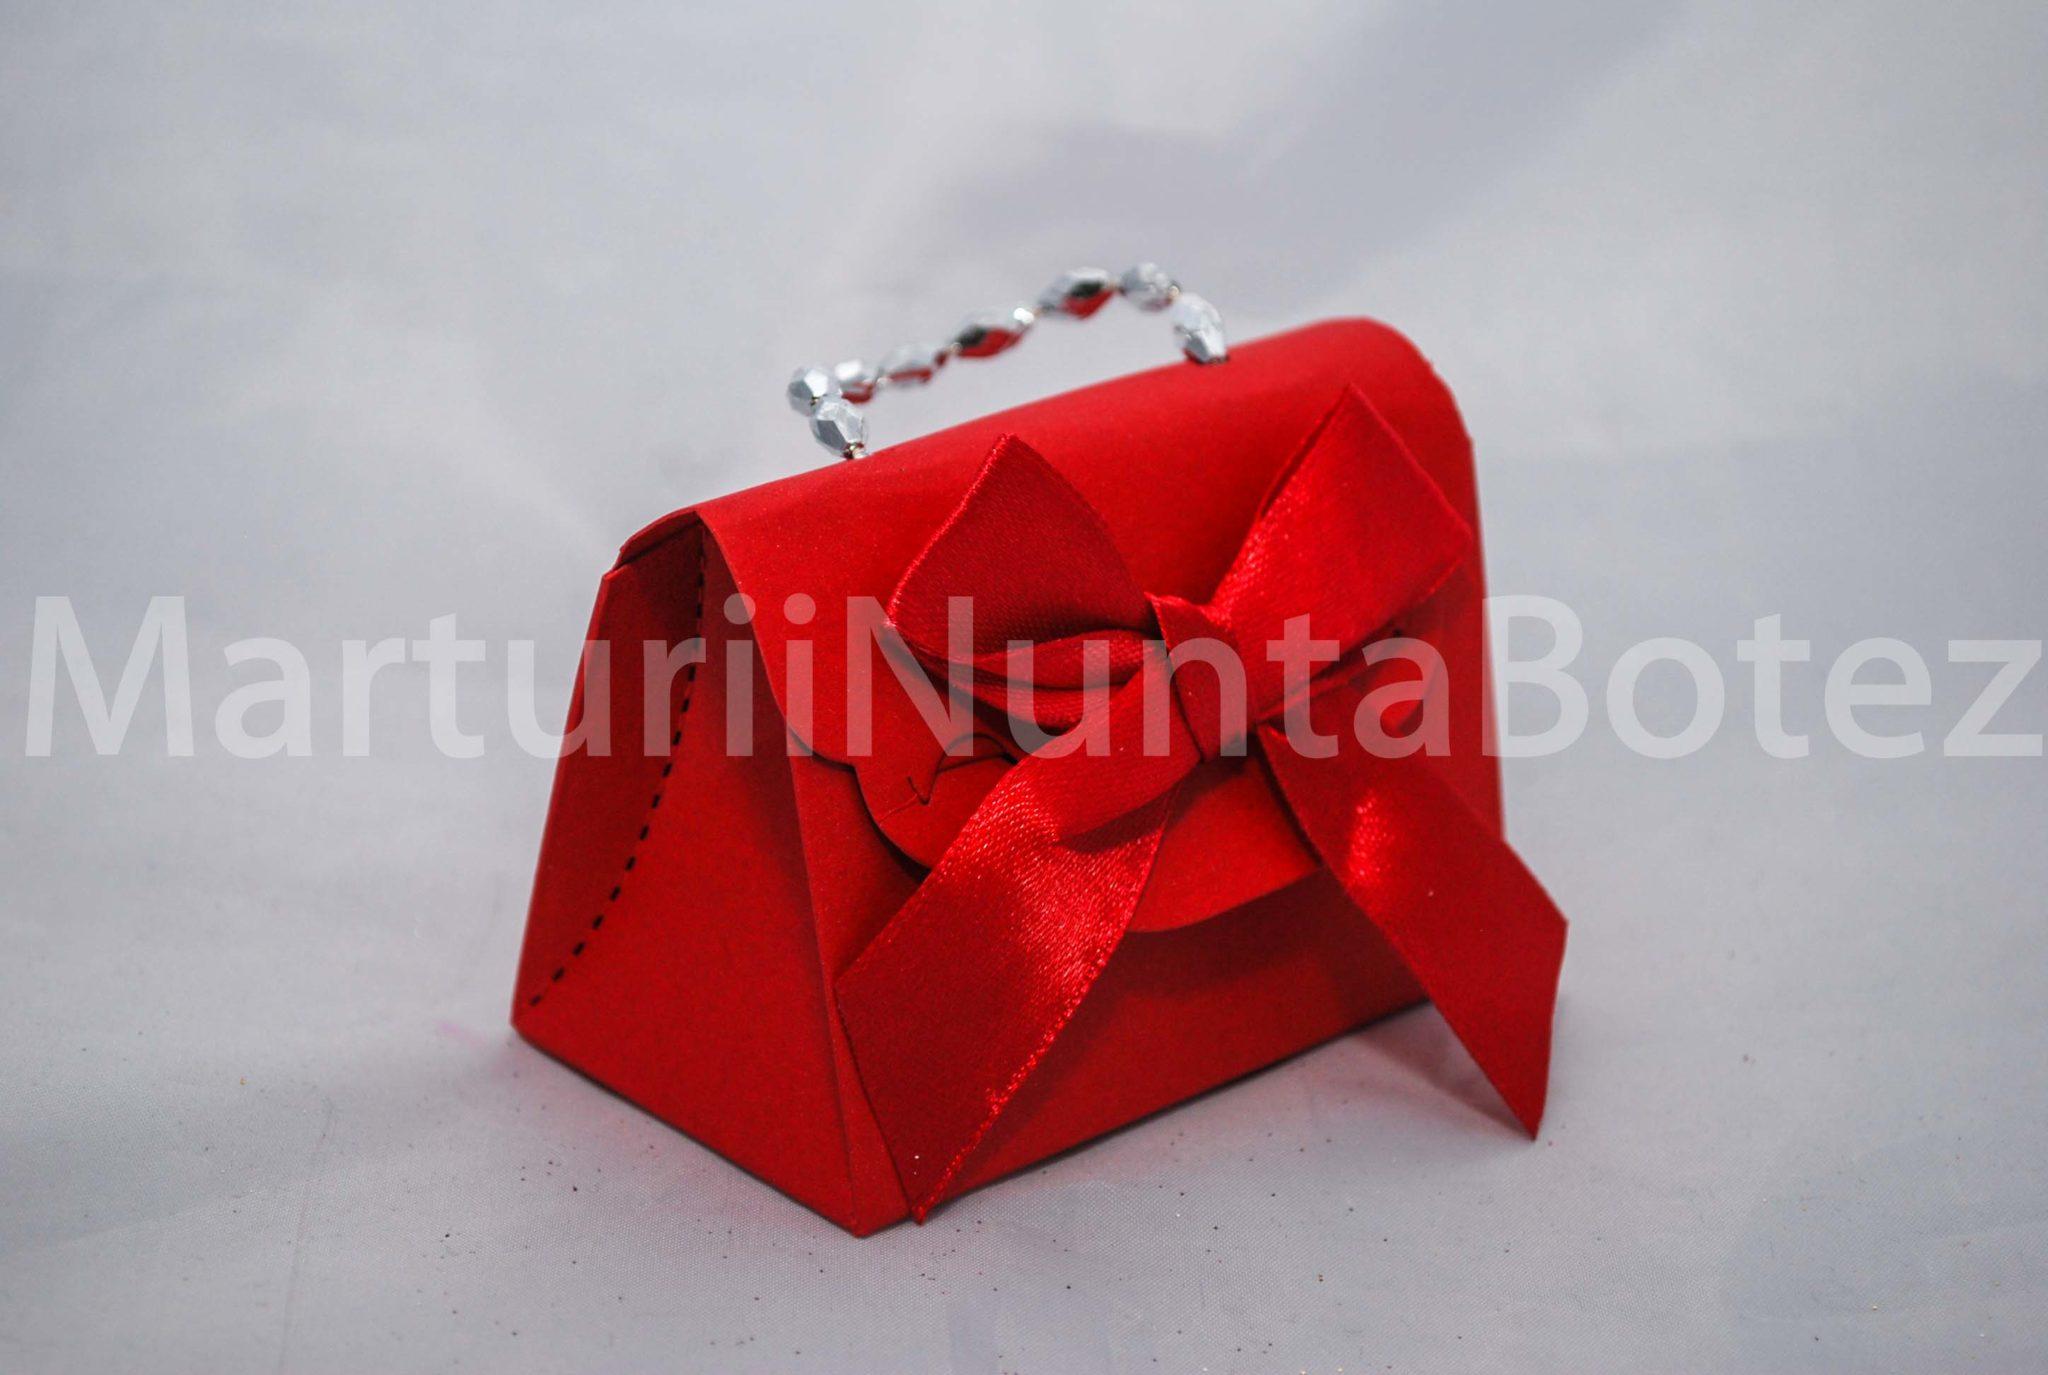 marturii_nunta_marturie_botez_cutie_carton_forma_gentuta_cinci_culori5